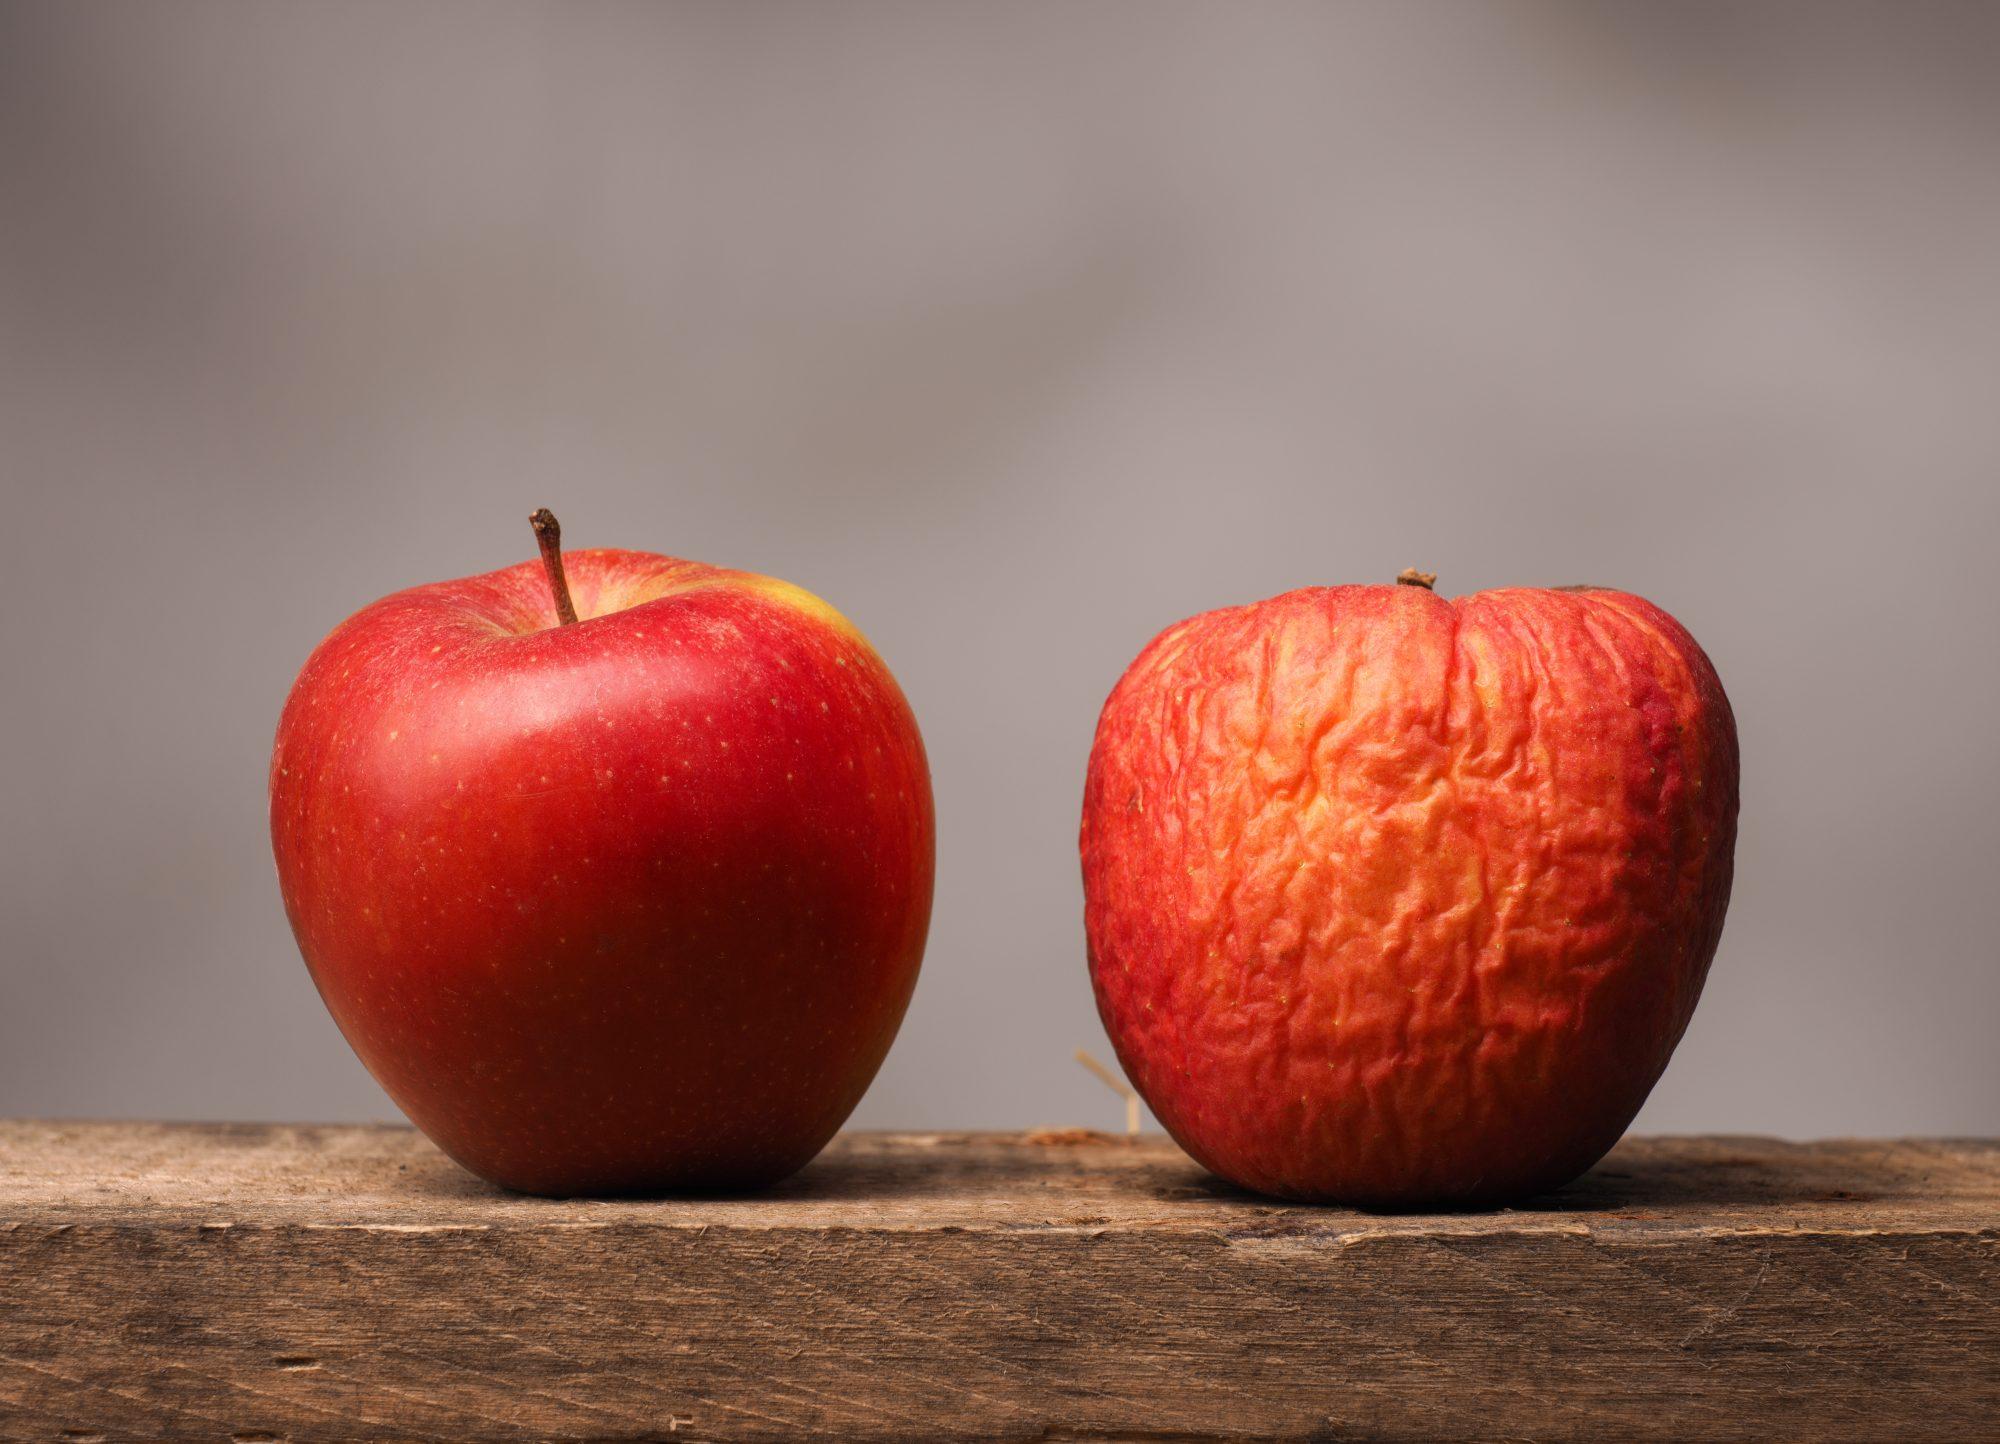 Rotten apple Getty 6/12/20